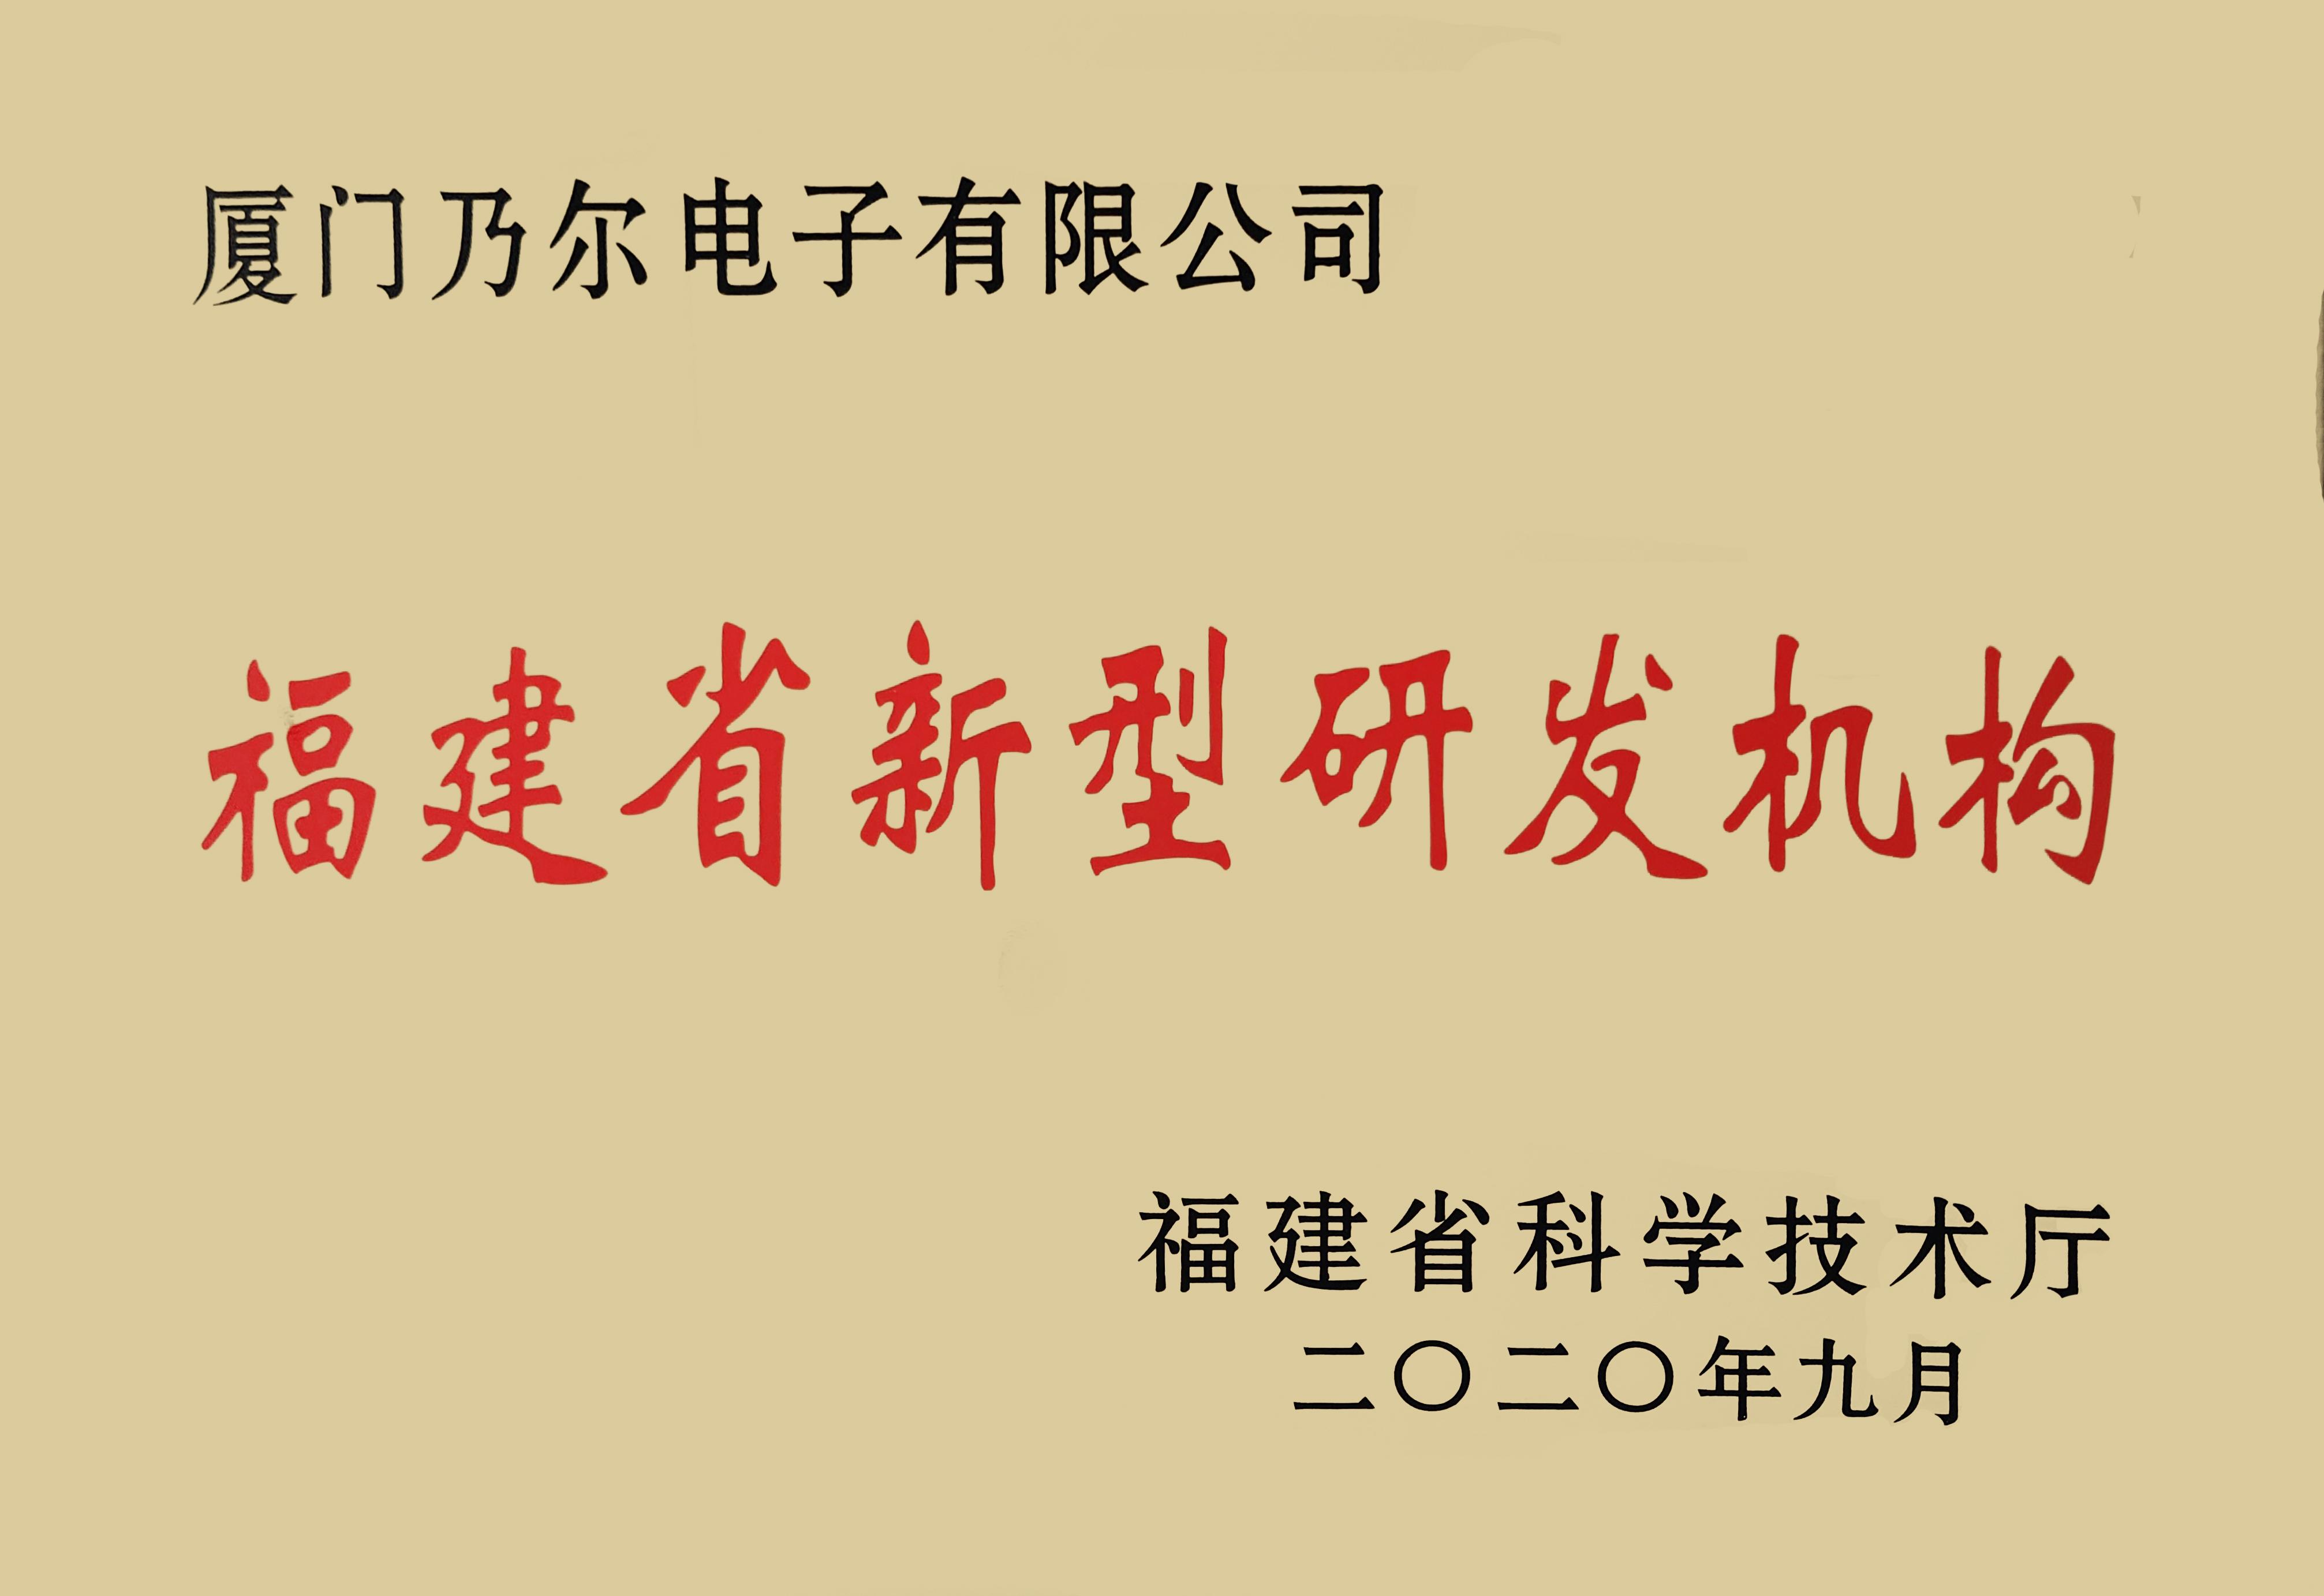 福建省新型研发机构荣誉证书